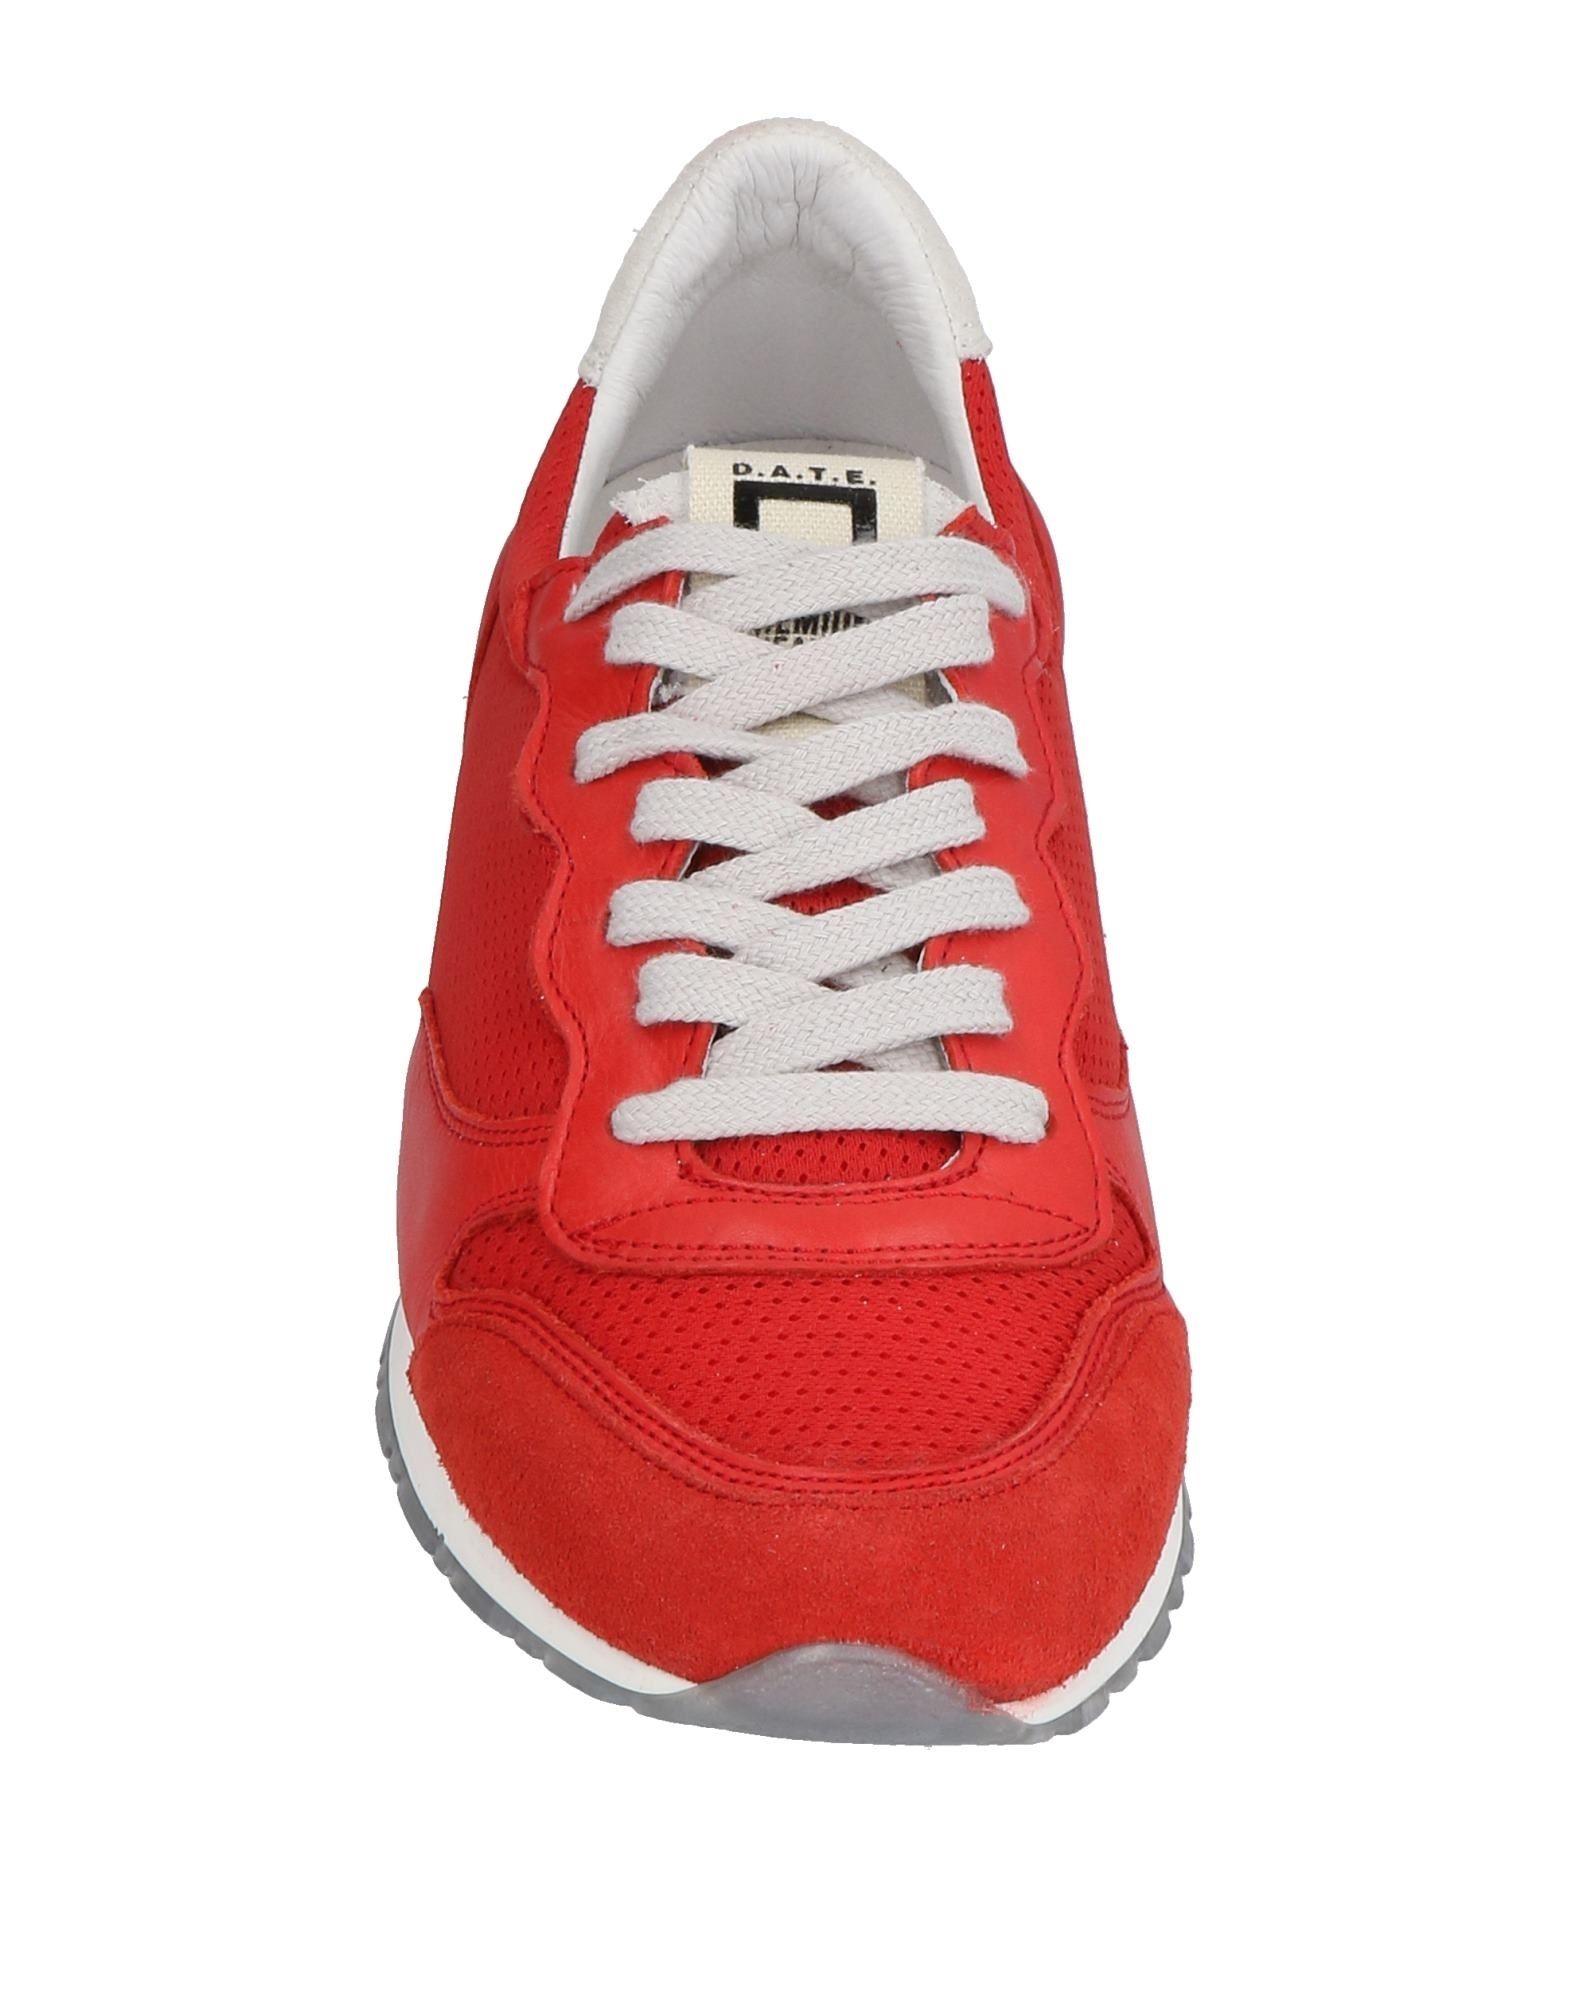 Rabatt echte Sneakers Schuhe D.A.T.E. Sneakers echte Herren  11482452QL 380e5a